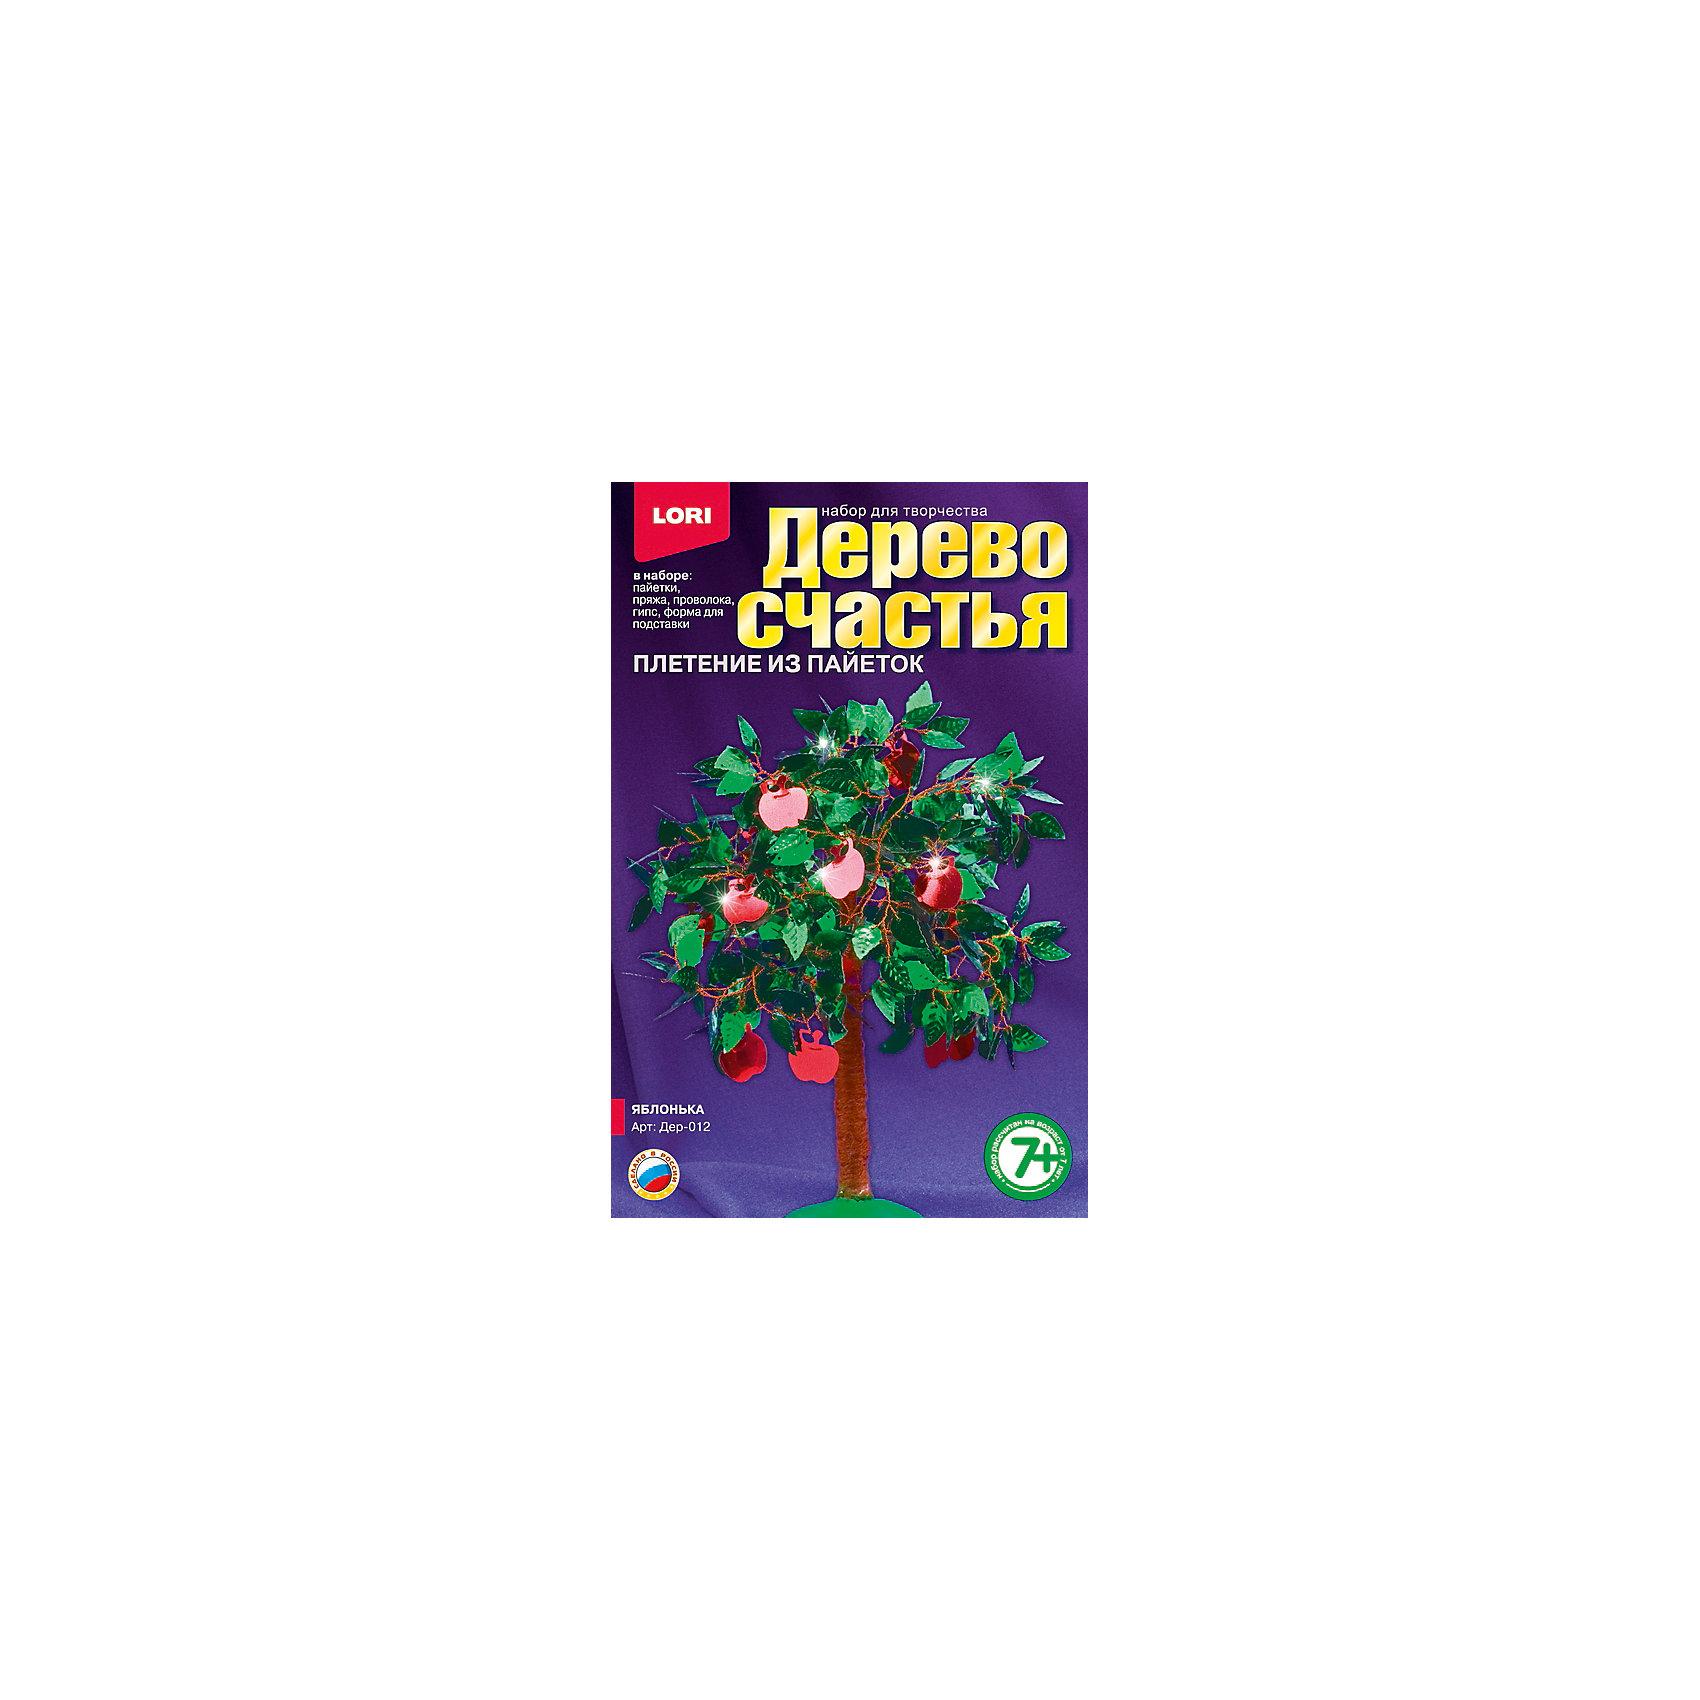 LORI Дерево счастья Яблонька, LORI lori фоторамки из гипса жирафы